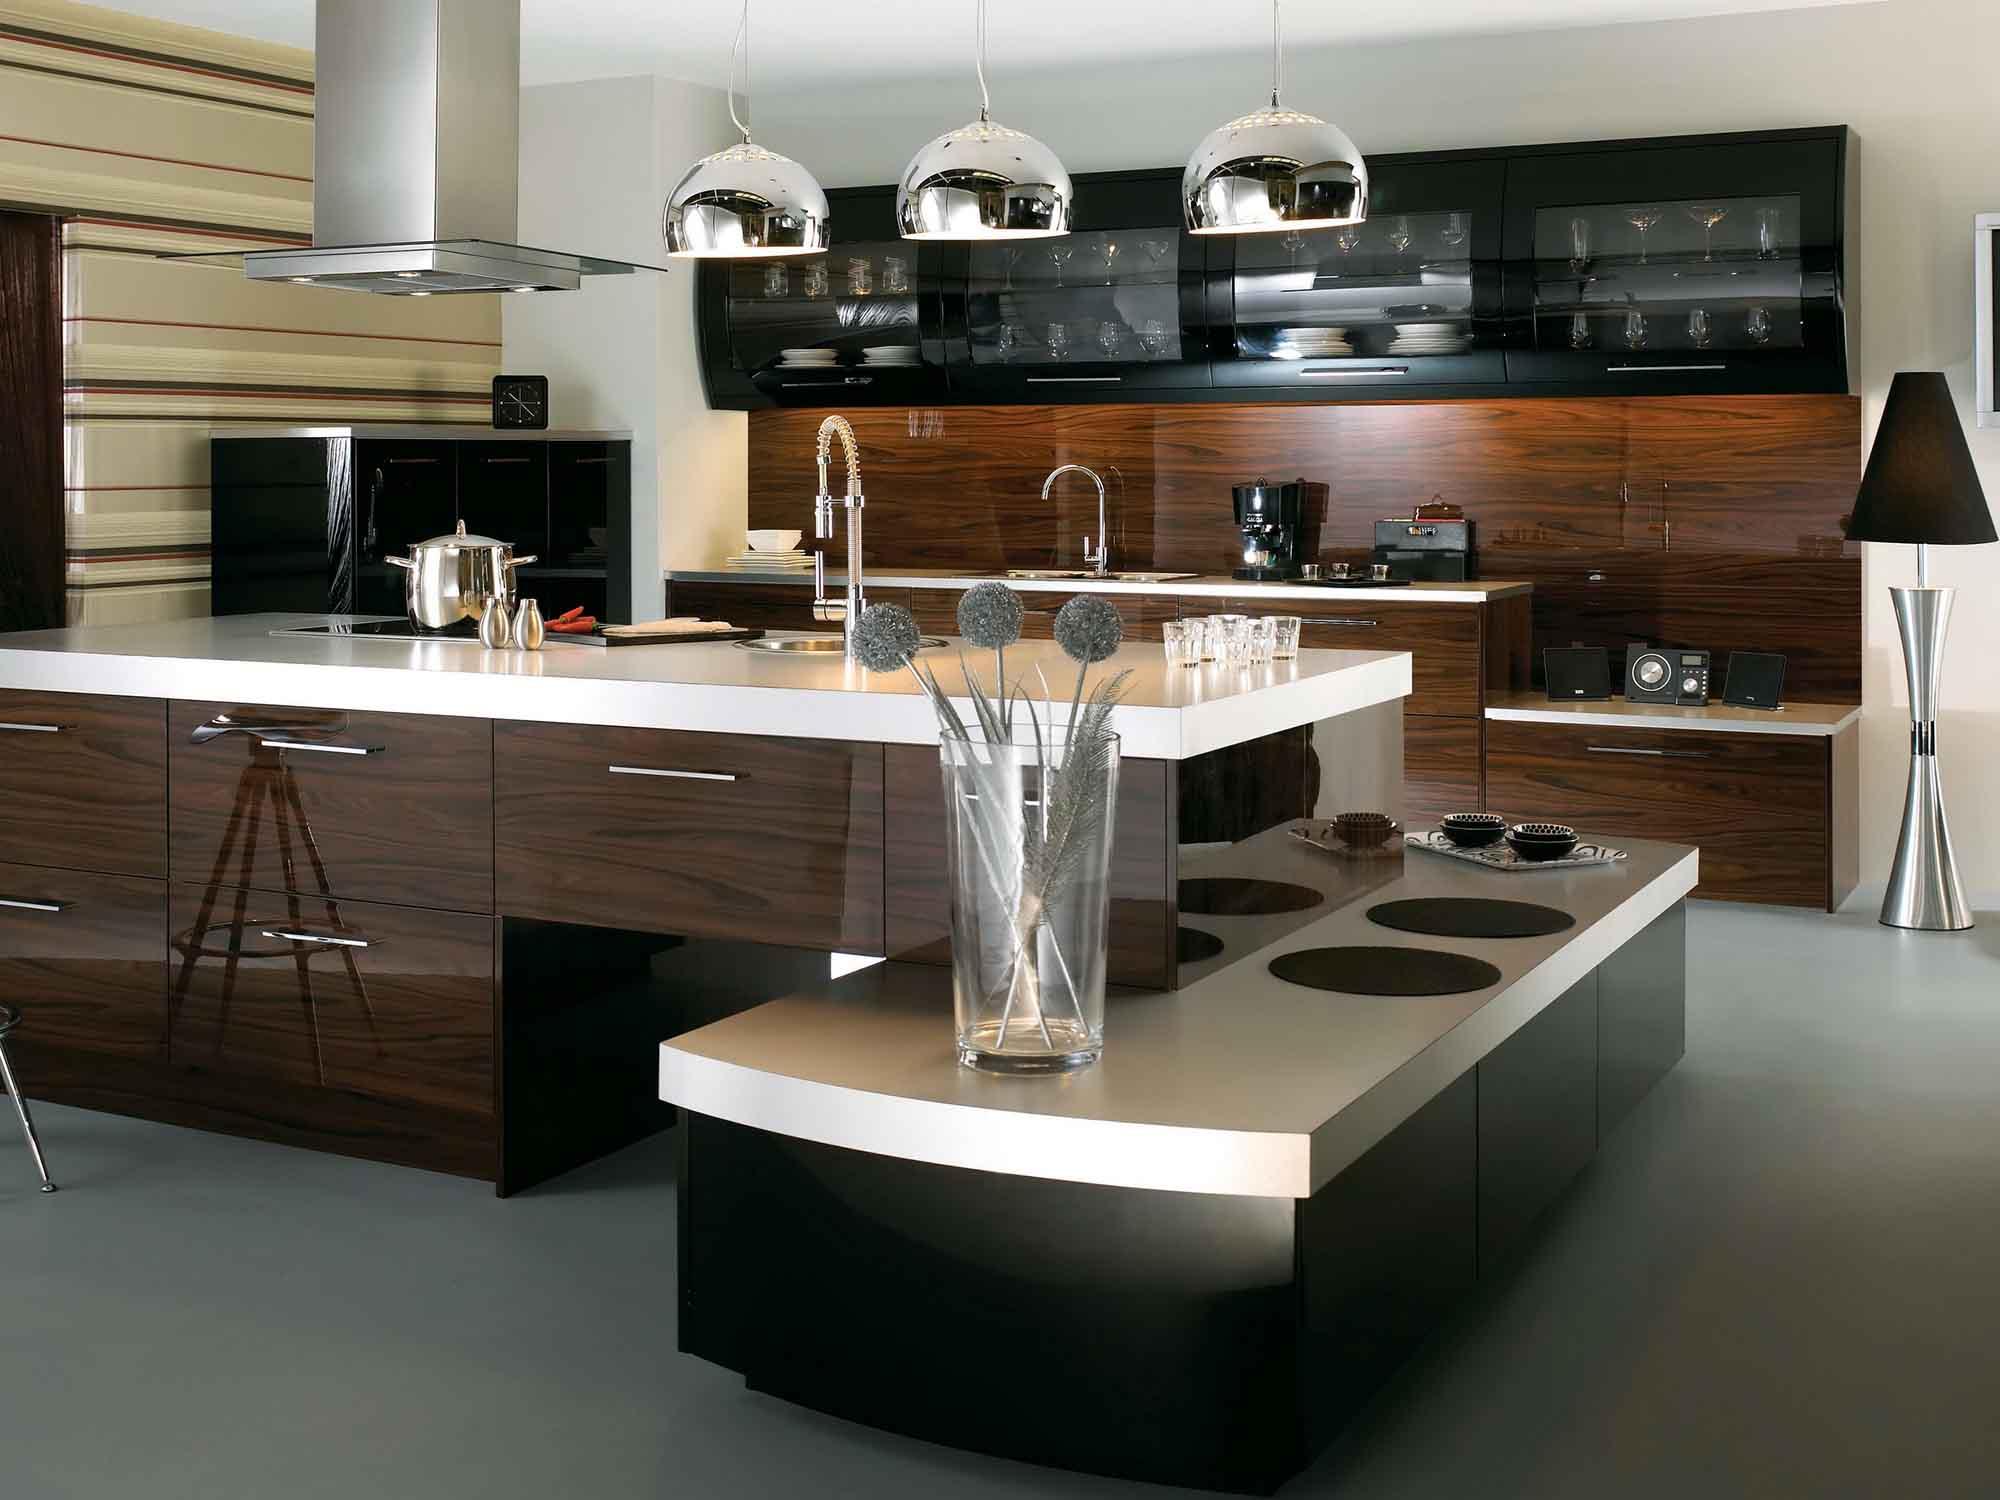 Металлические полукруглые лампы на кухне в стиле хай-тек